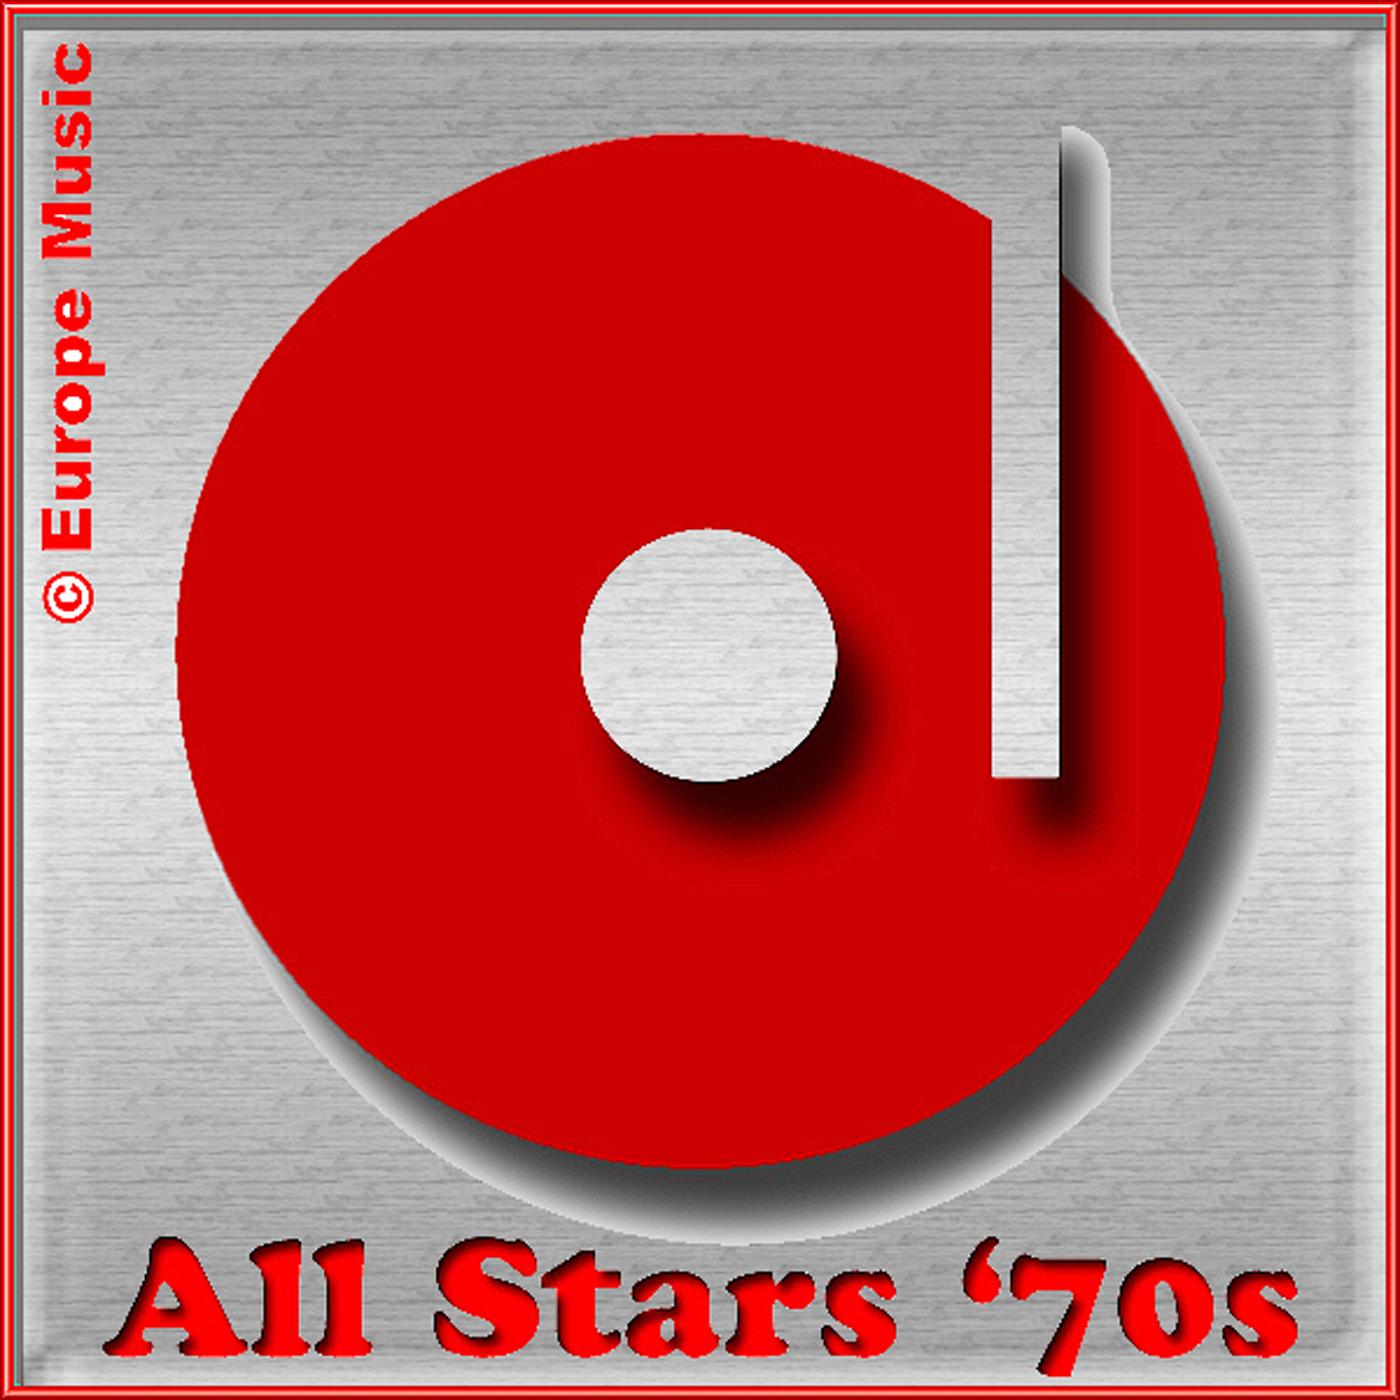 All Stars 70's : les Seventies ne sont pas mortes !